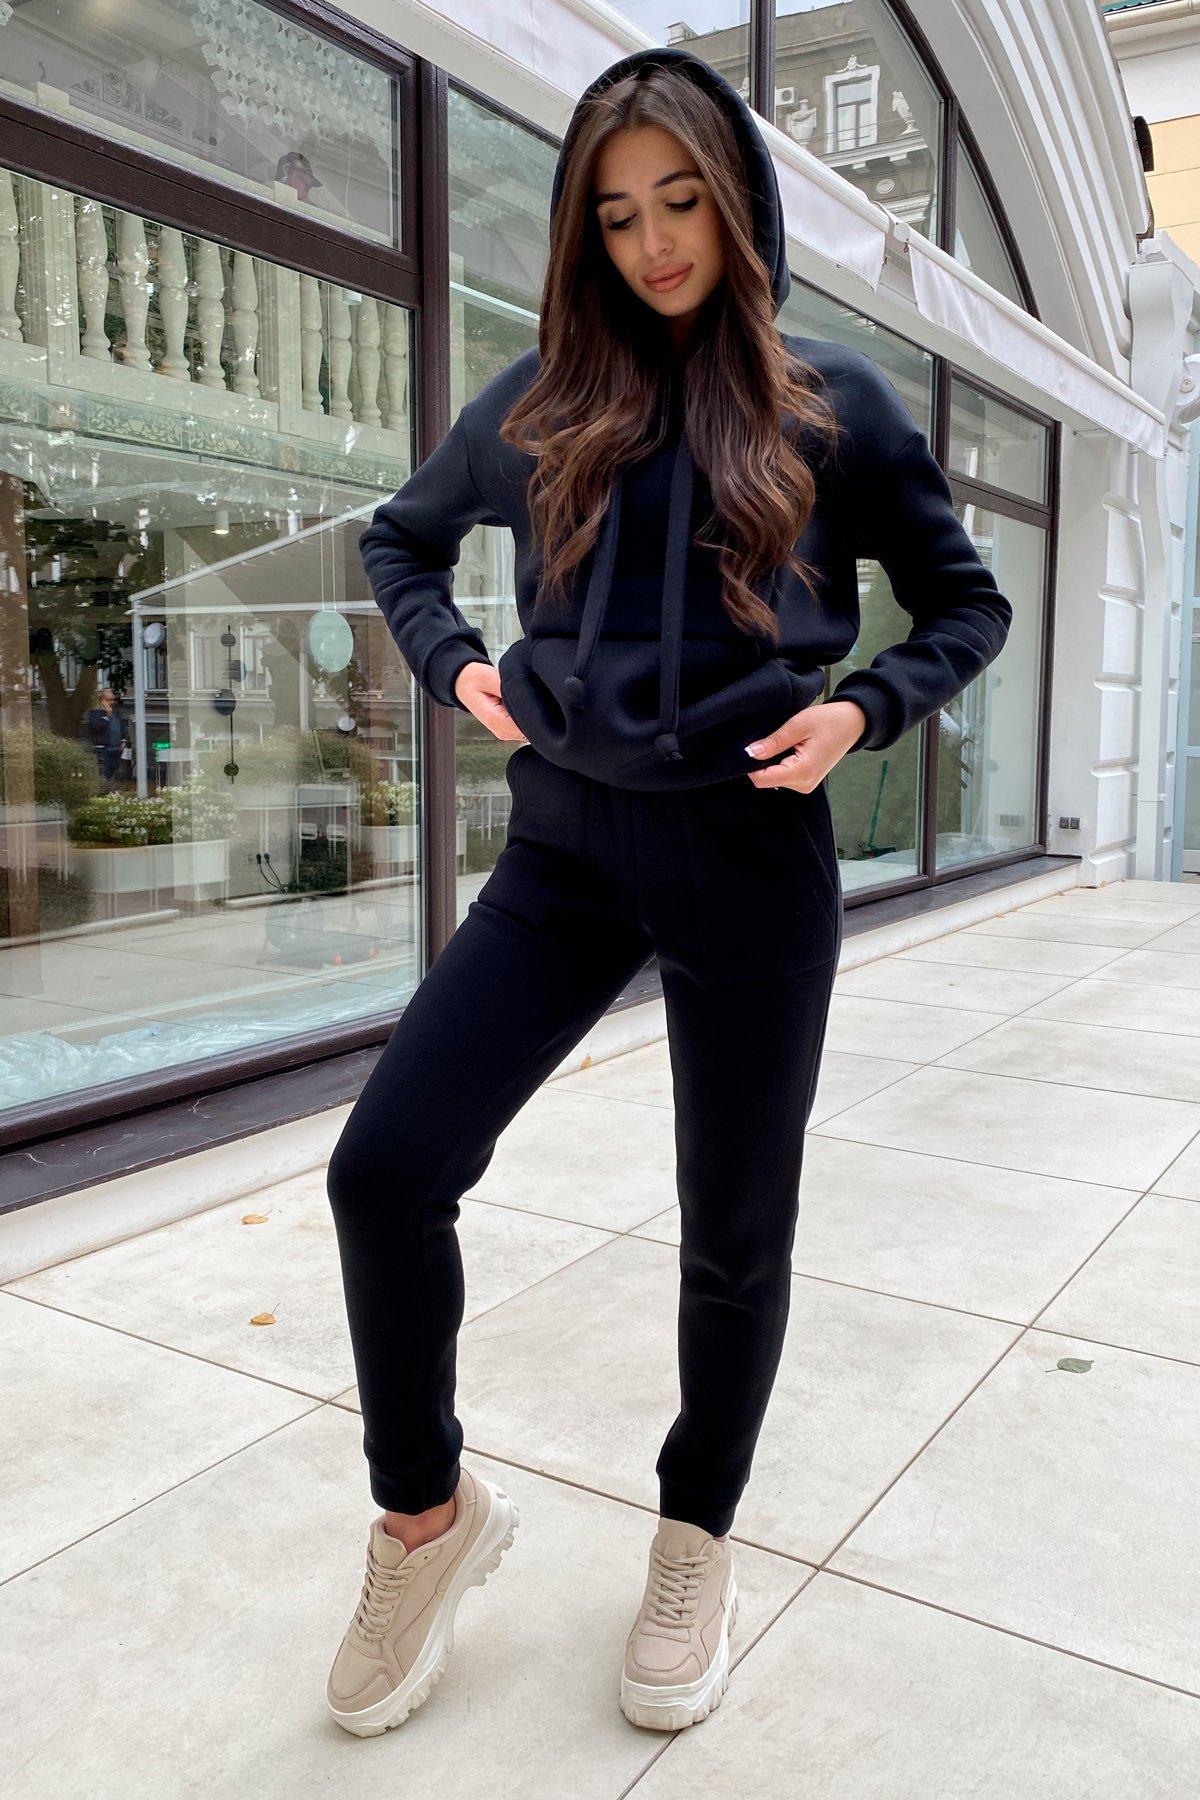 Бруклин  прогулочный костюм 3х нитка с начесом  9663 АРТ. 46088 Цвет: Черный - фото 12, интернет магазин tm-modus.ru